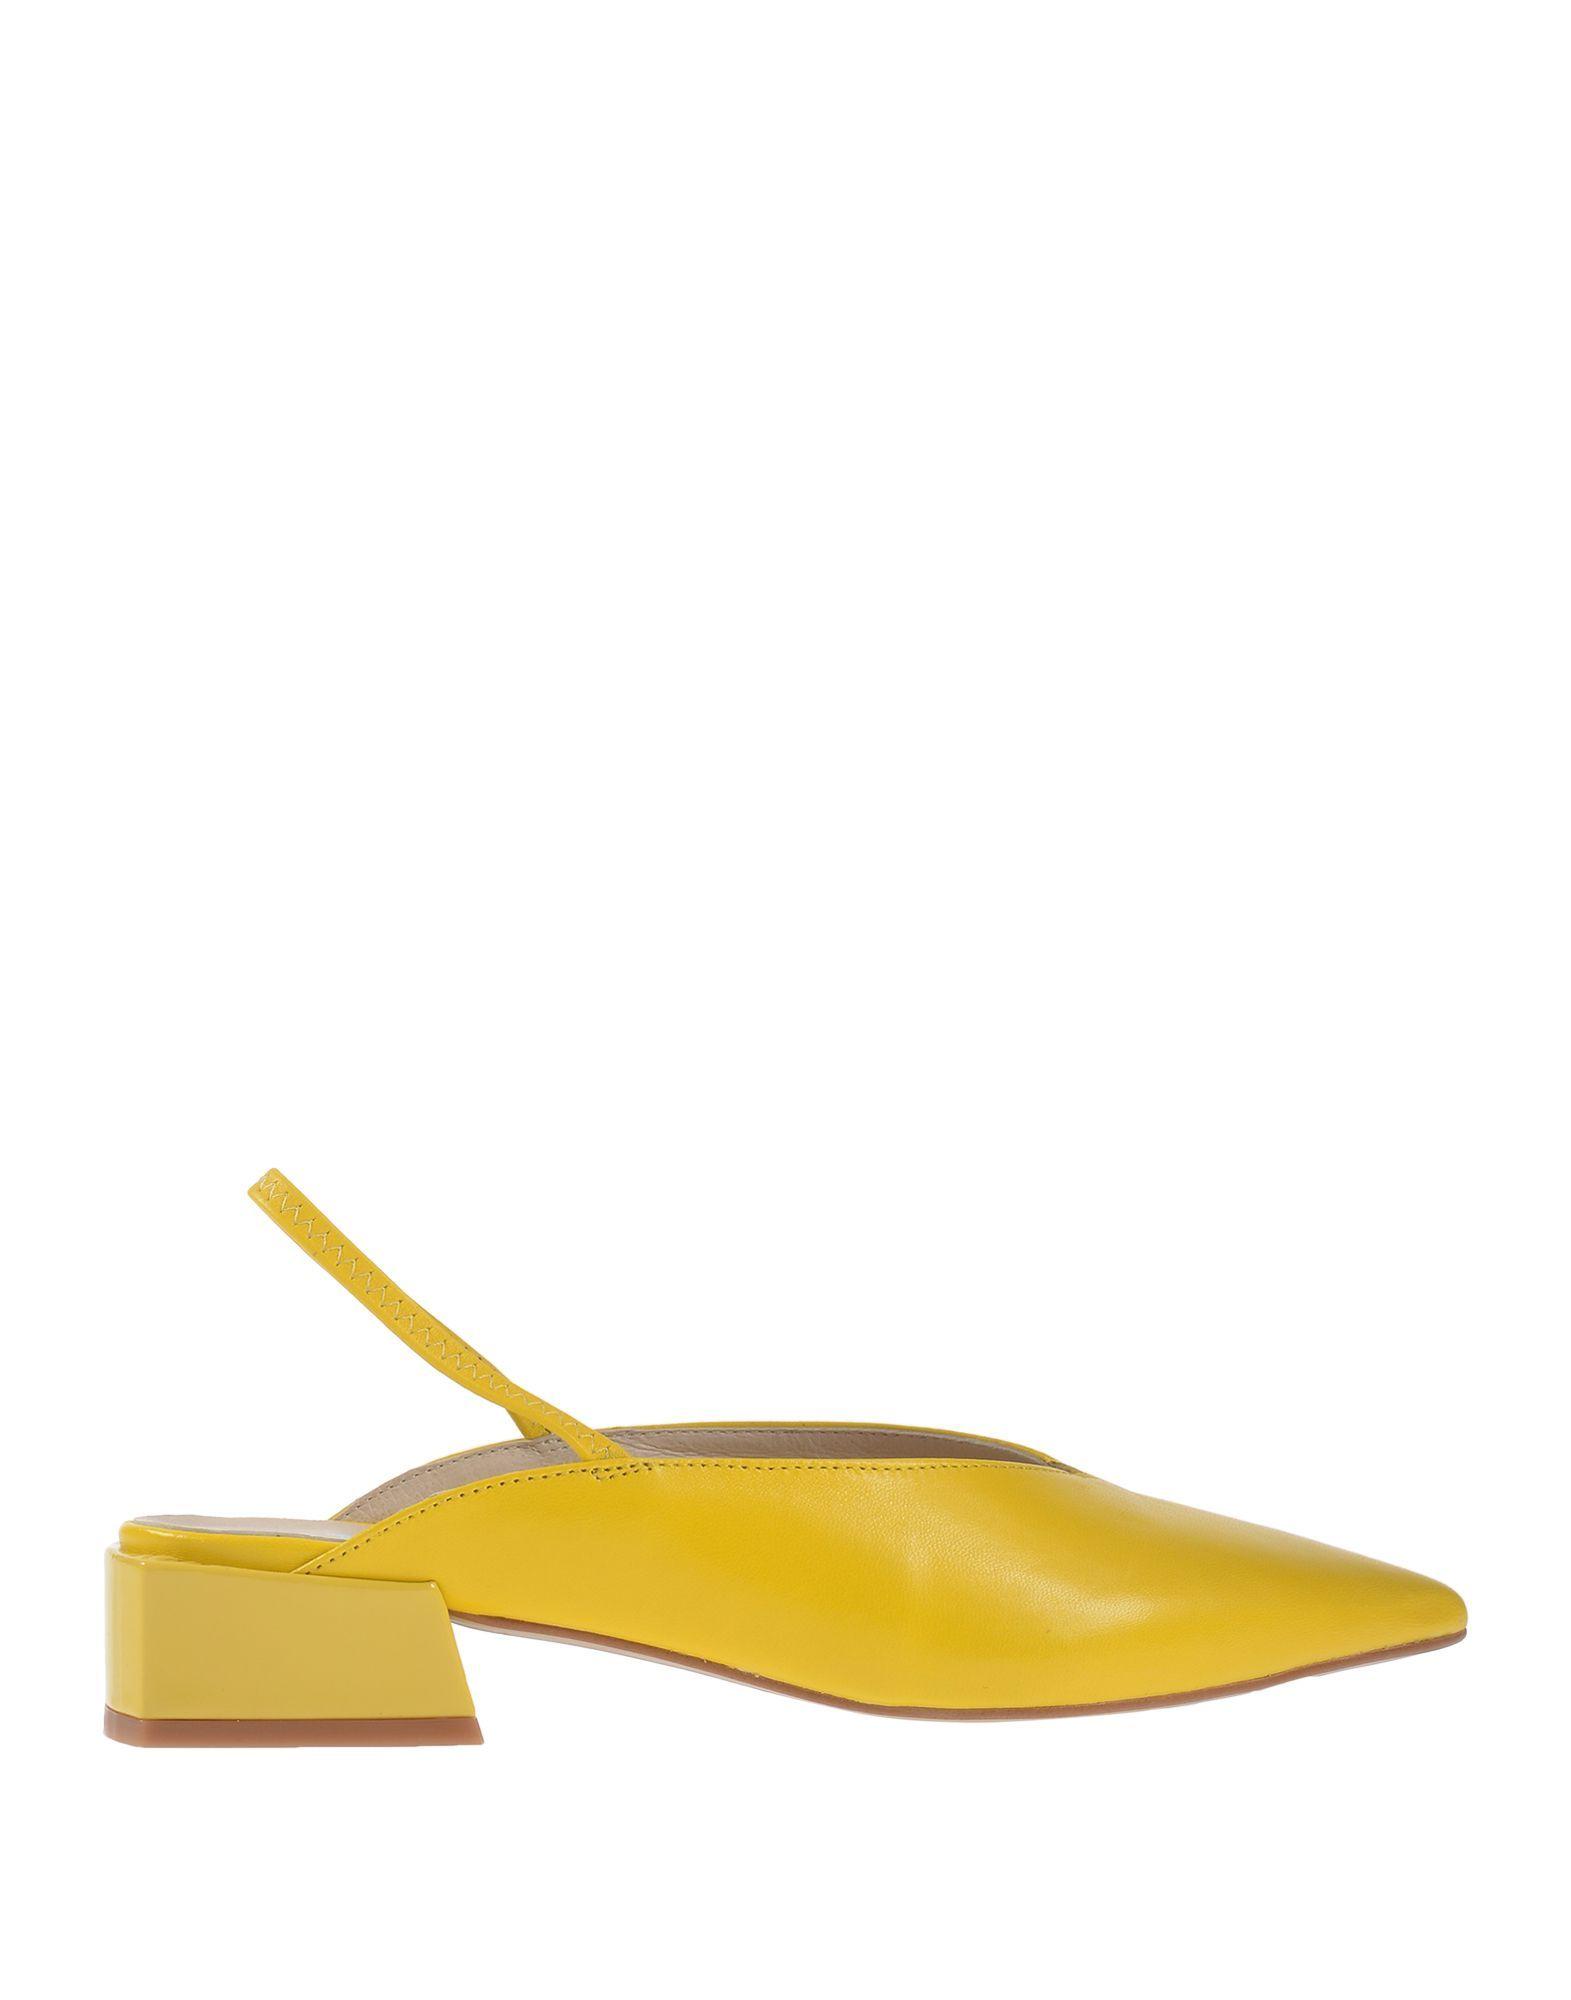 Footwear Sti� Yellow Women's Leather